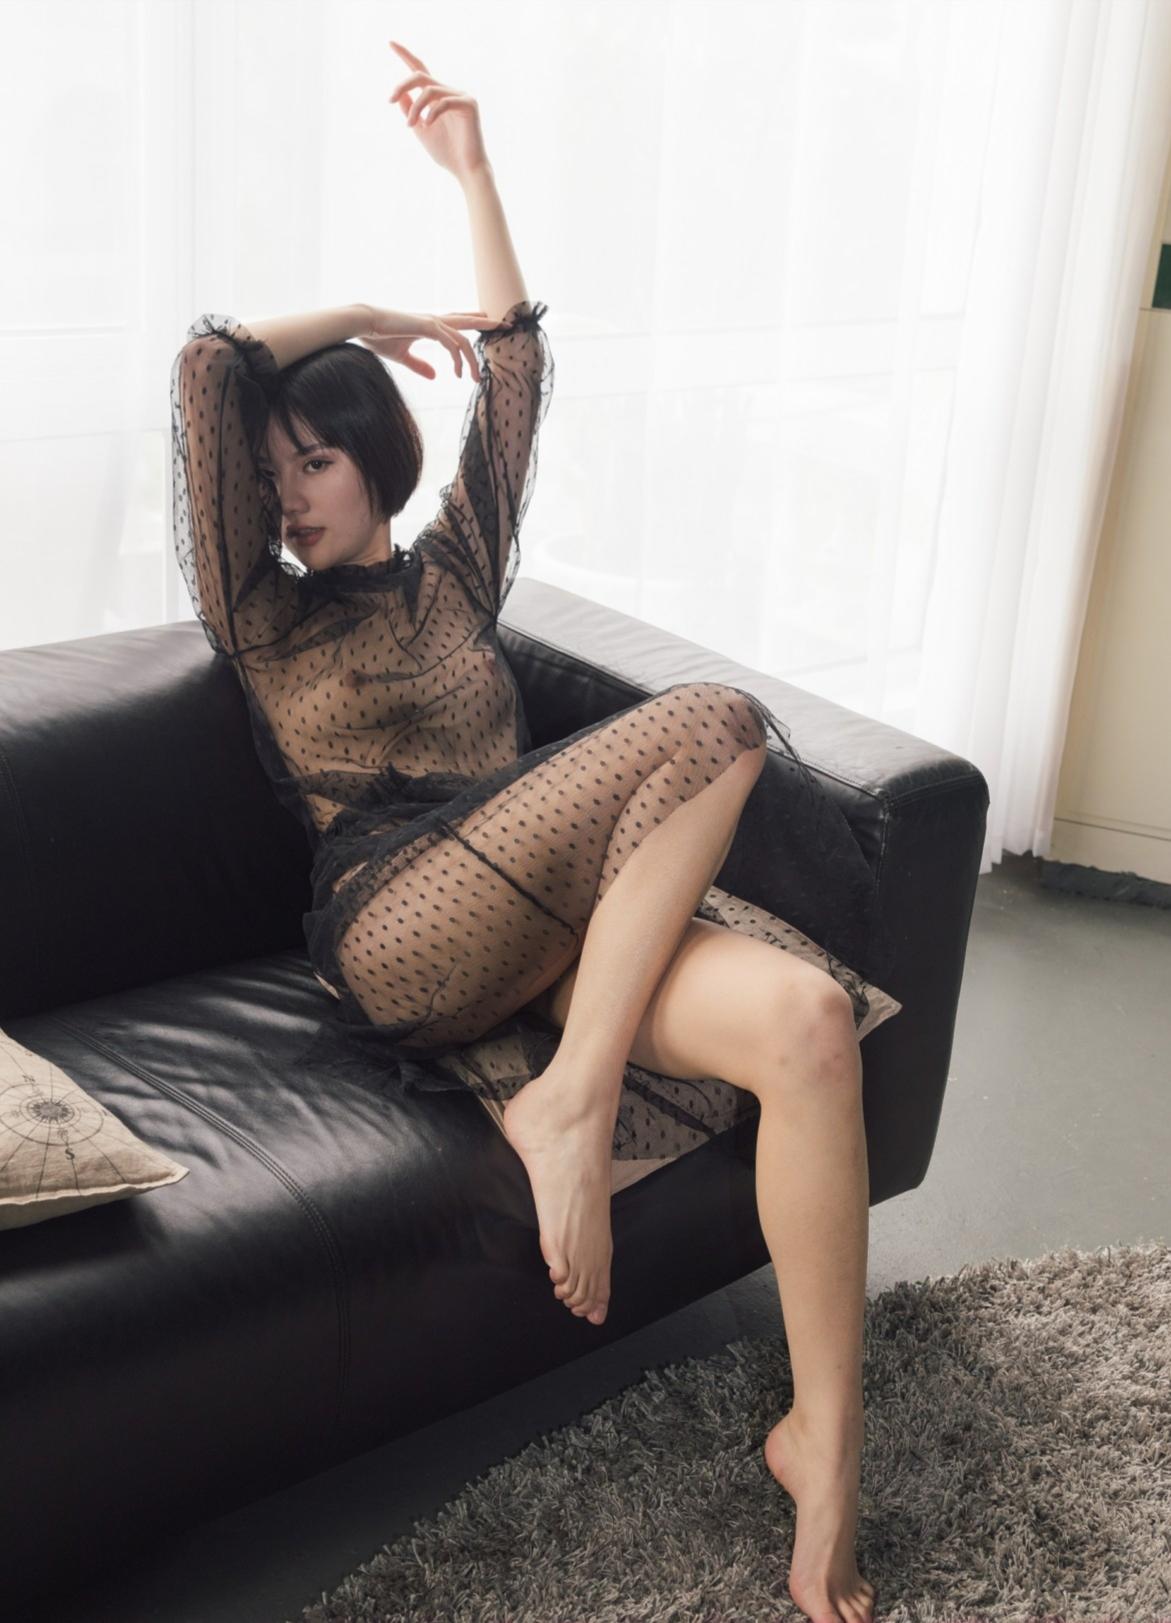 [國模系列] 丁莉 私拍 - 貼圖 - 絲襪美腿 -